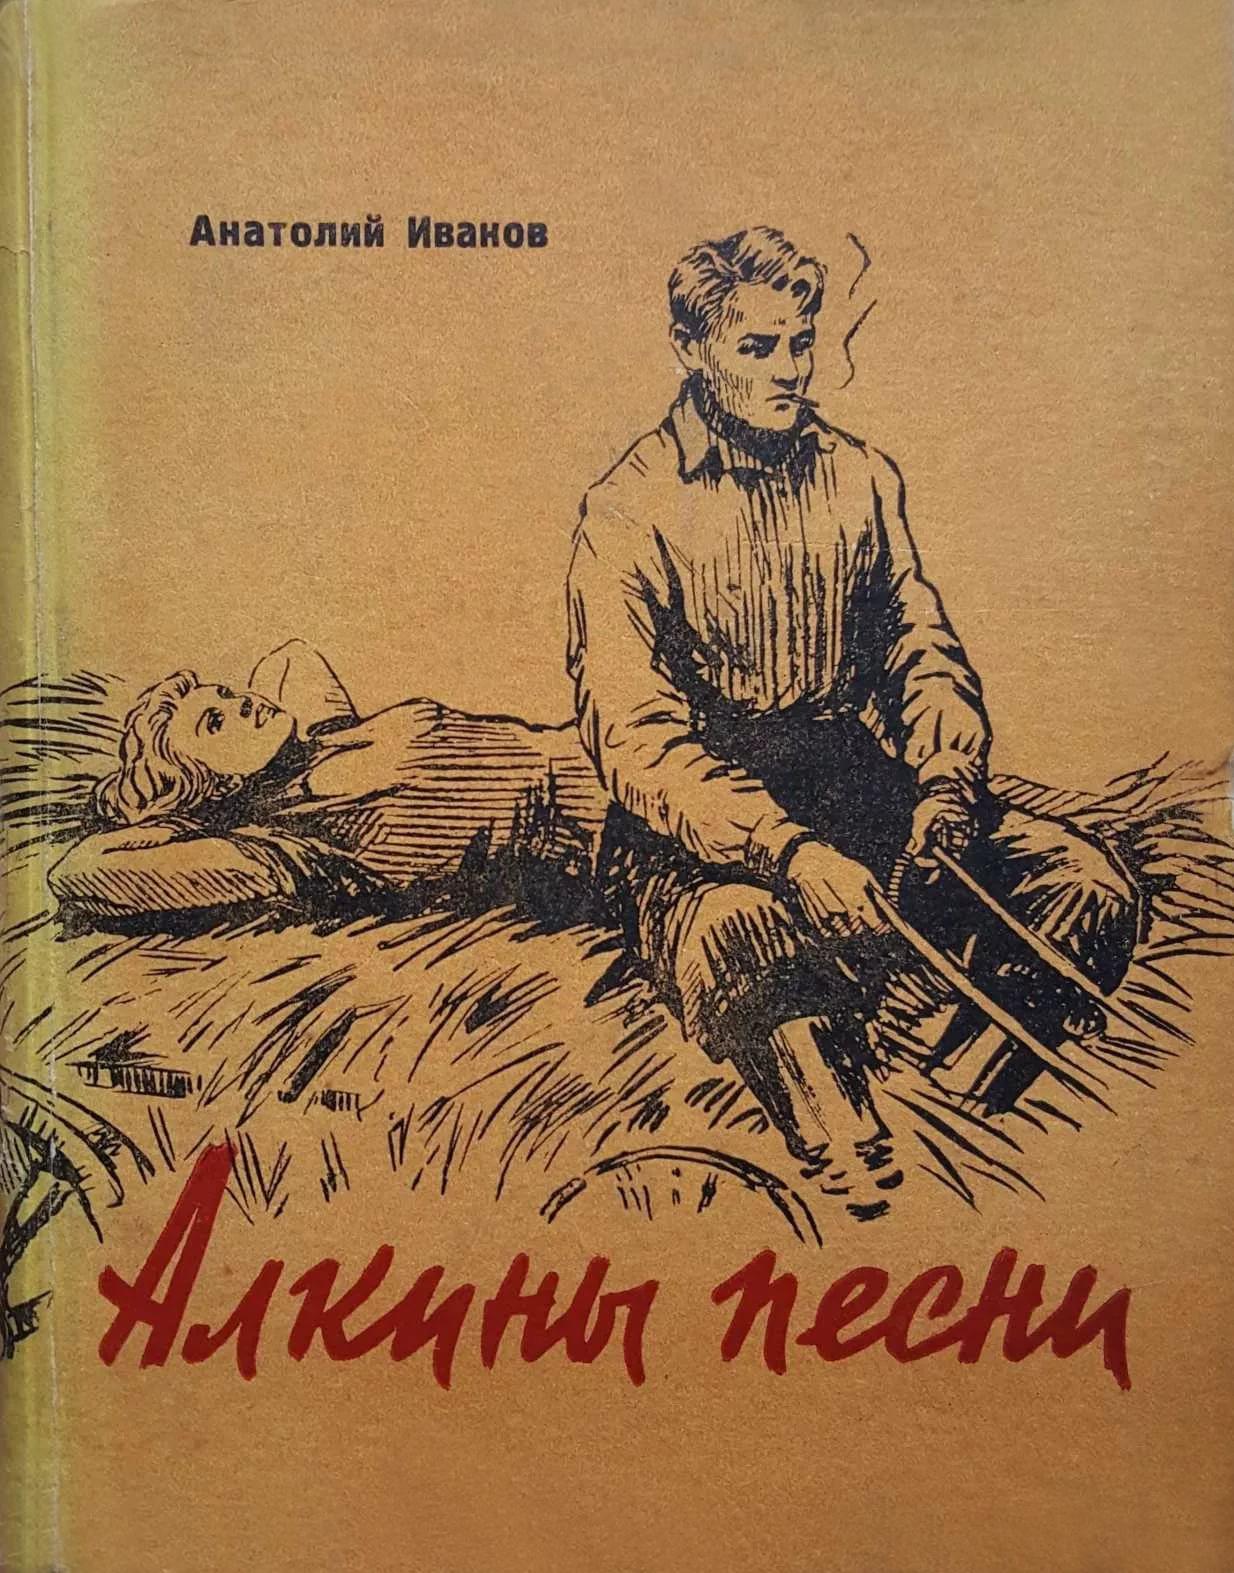 А. Иванов - Алкины песни